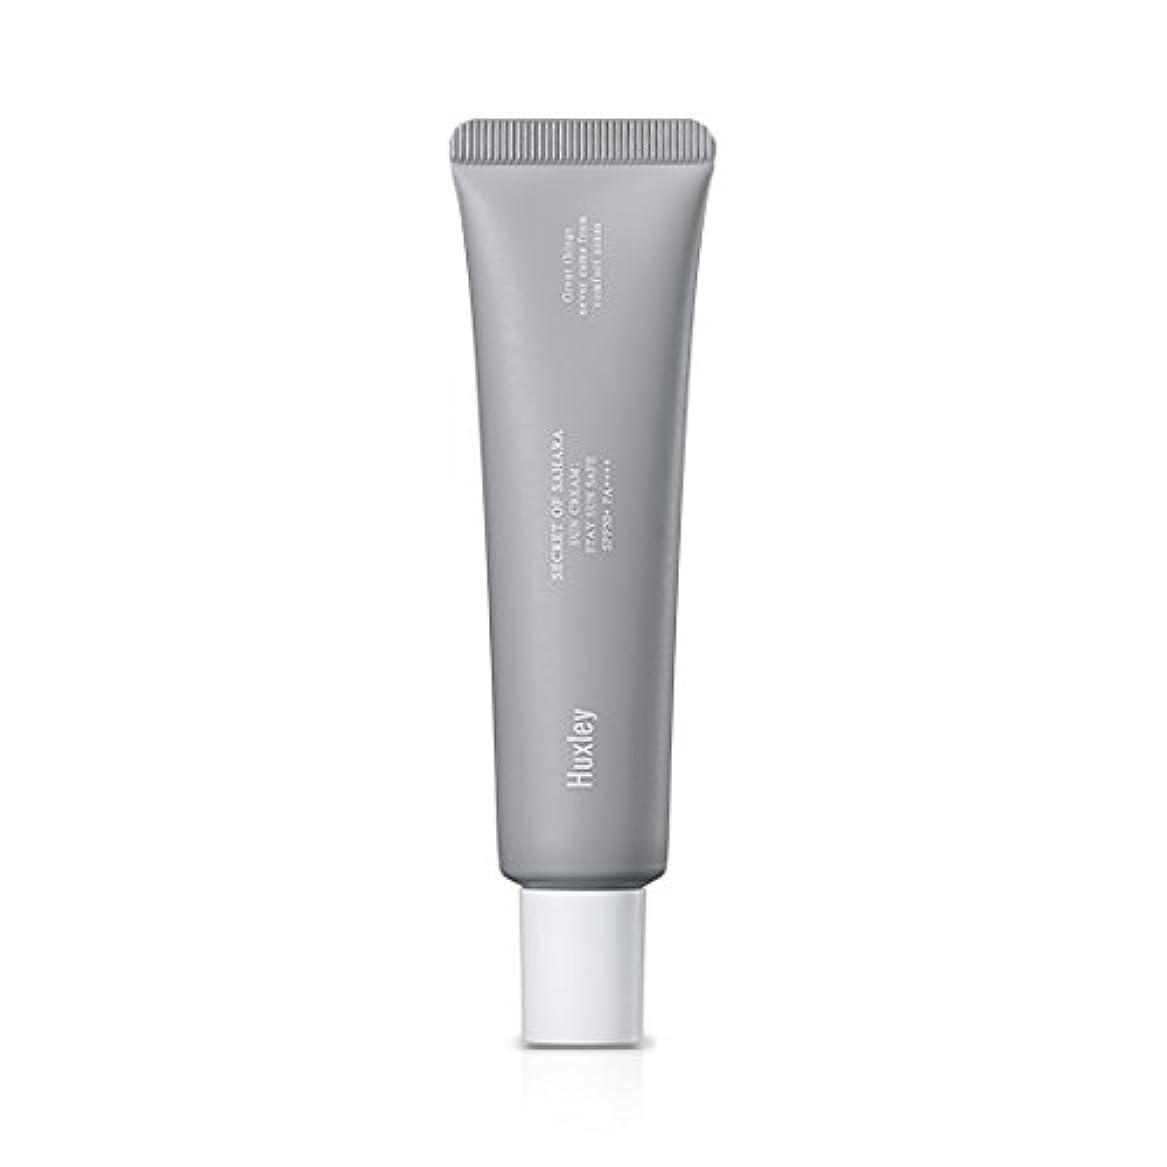 減衰周術期履歴書Huxley Sun Cream;Stay Sun Safe 35ml (SPF50+ PA++++)/ハクスリー サンクリーム;ステイ サン セーフ 35ml (SPF50+ PA++++) [並行輸入品]